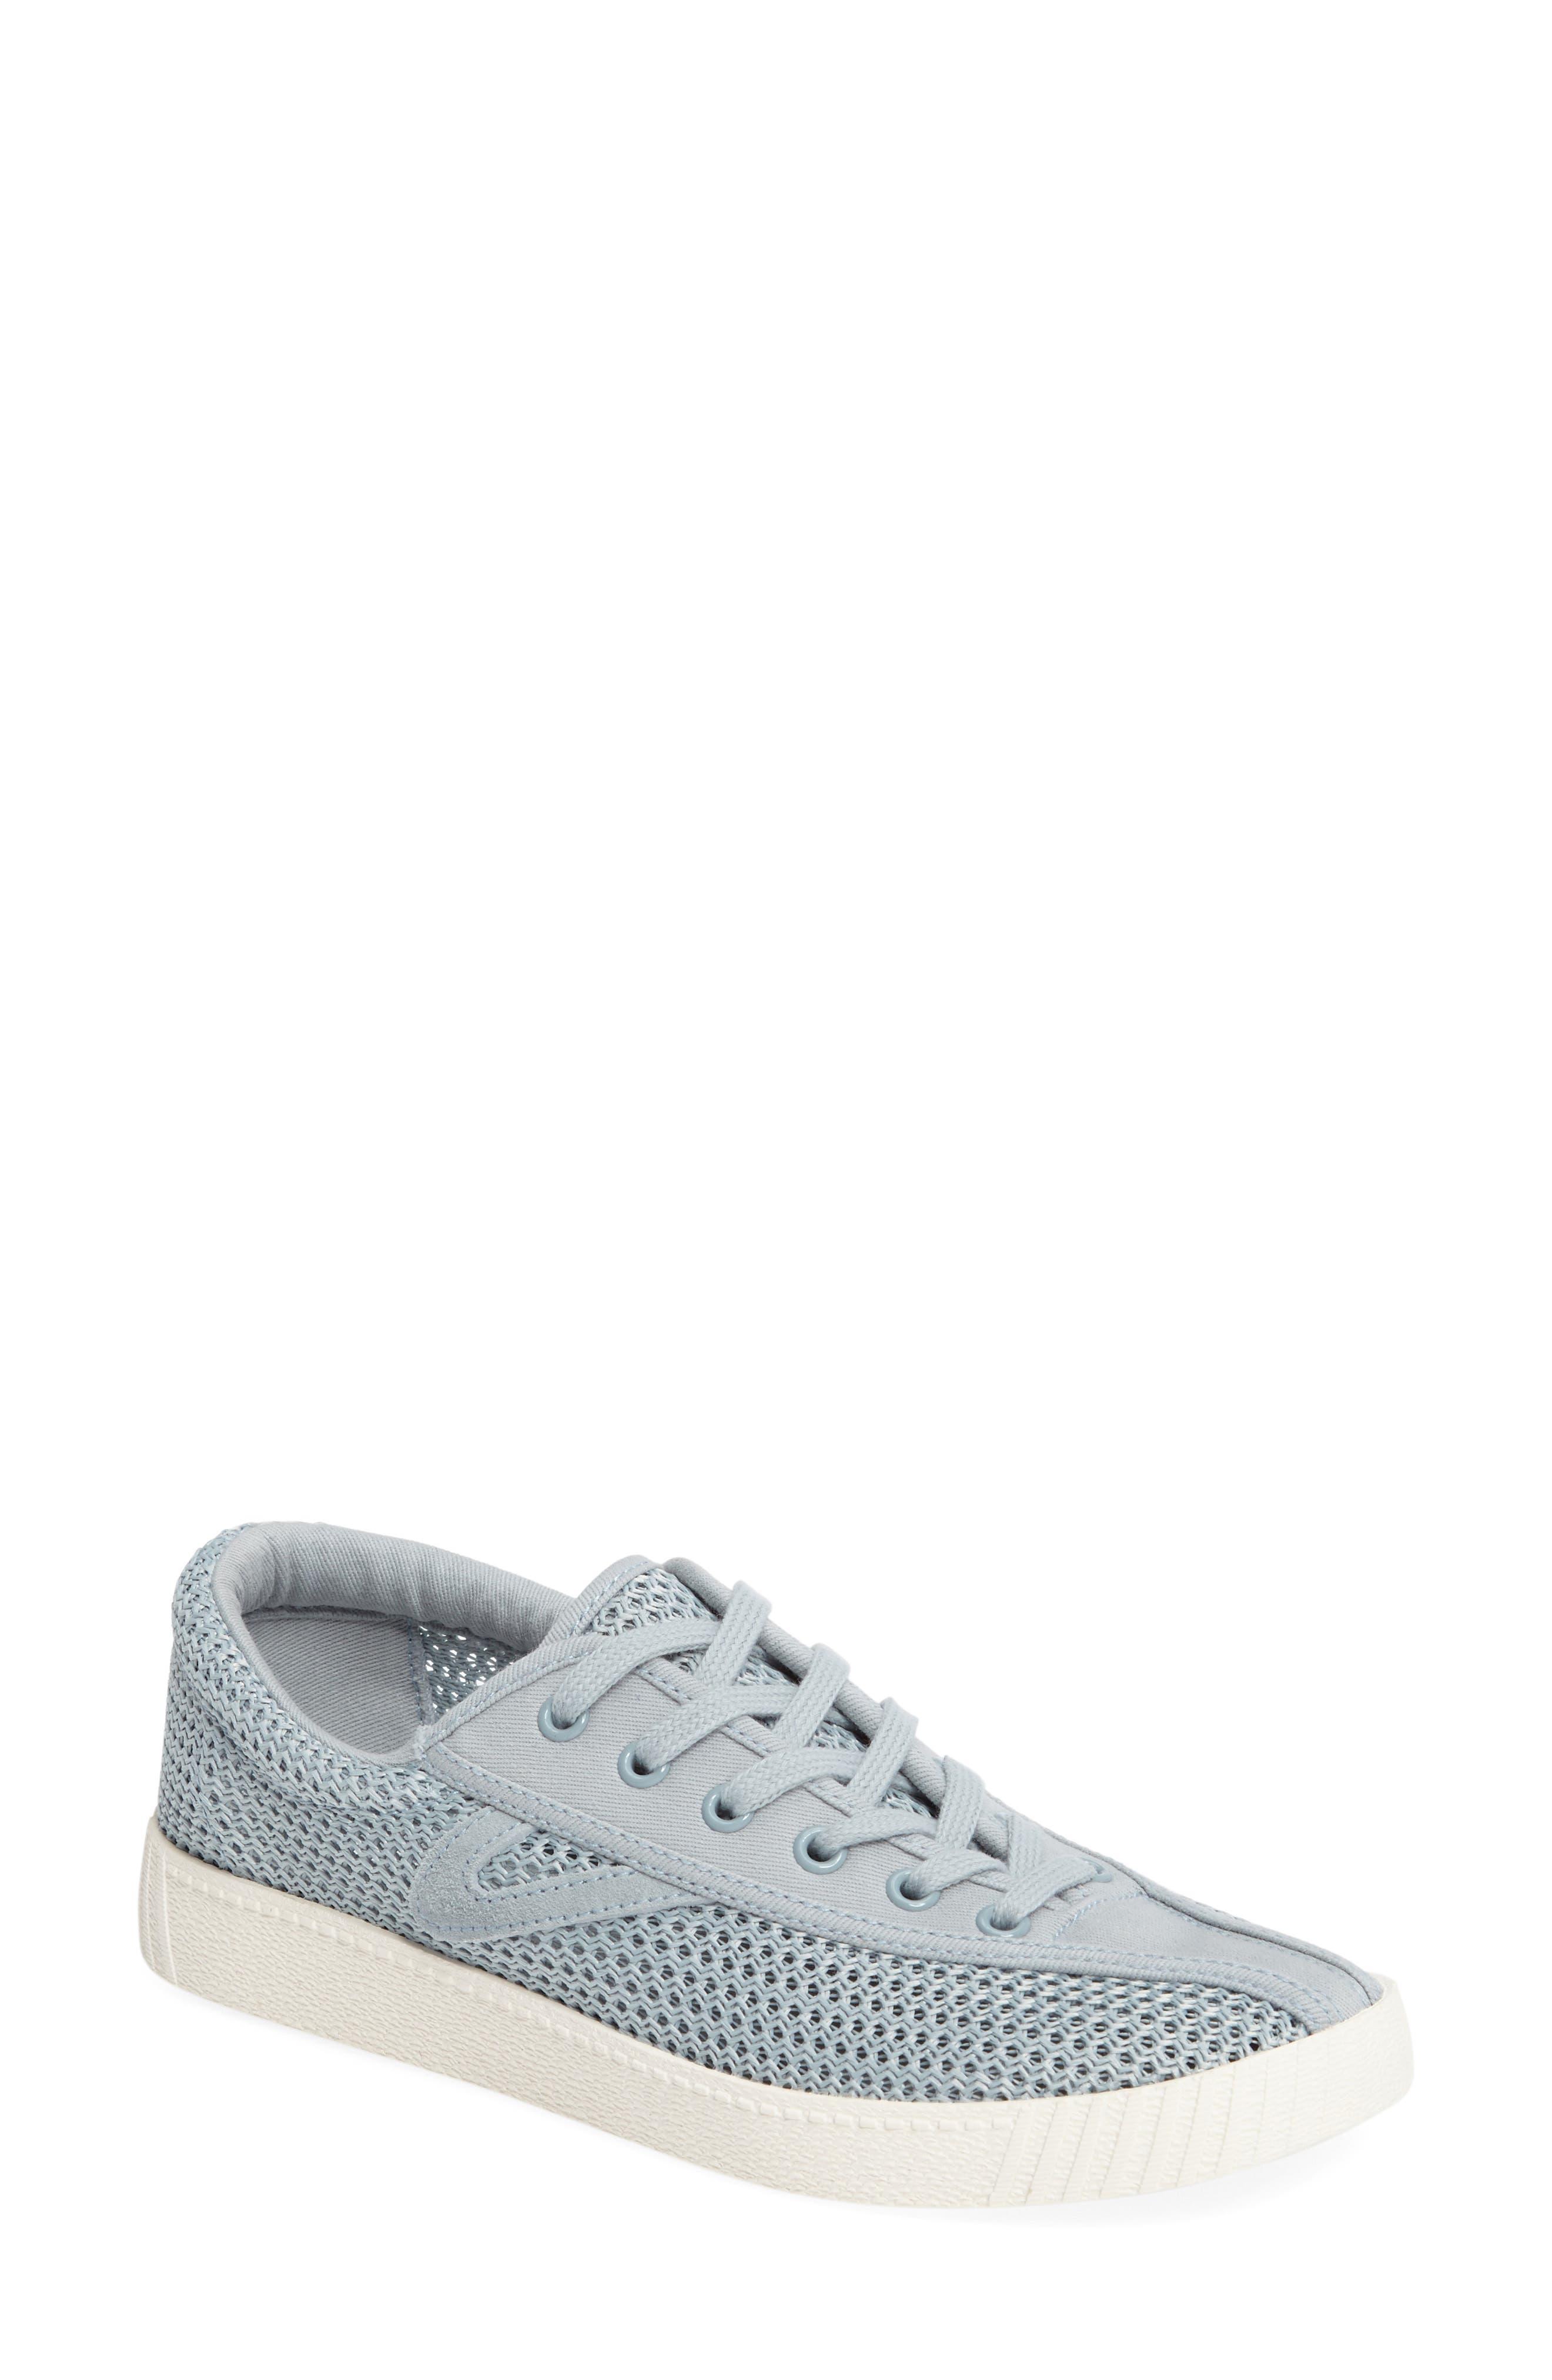 Tretorn Nylite Sneaker (Women)